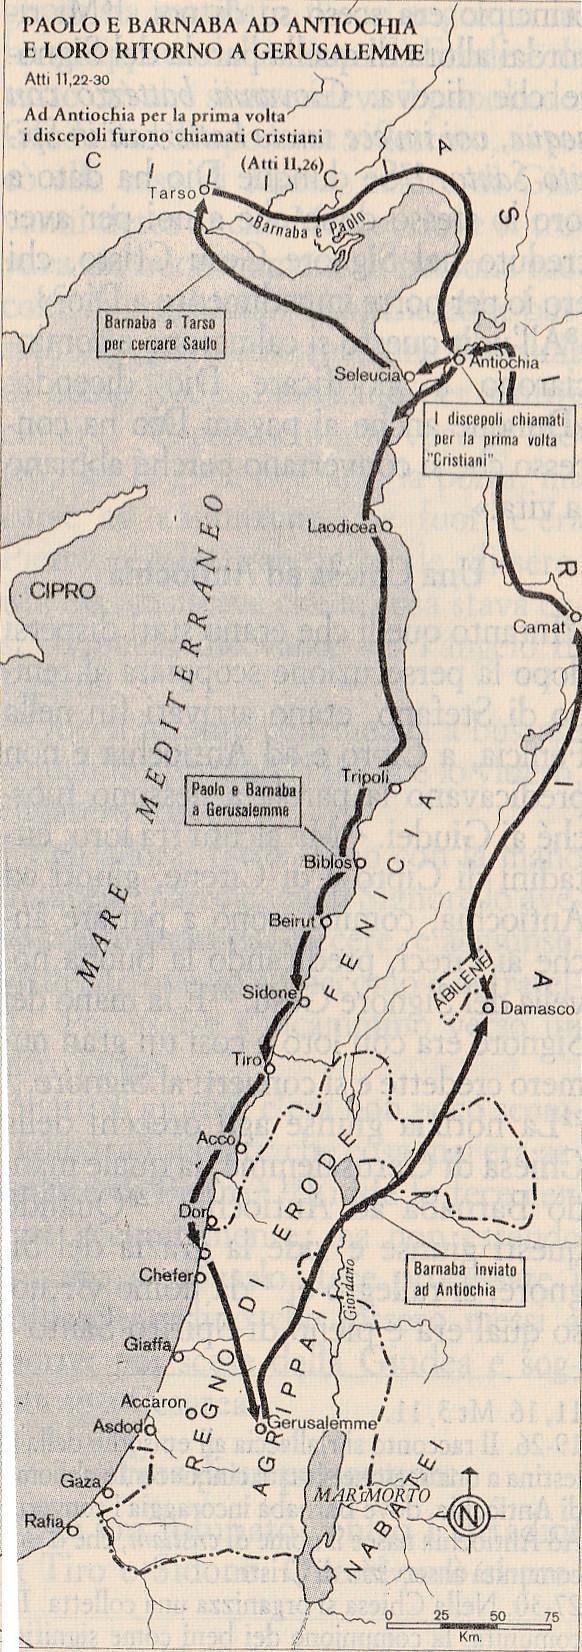 Paolo e Barnaba ad Antiochia e loro ritorno a Gerusalemme